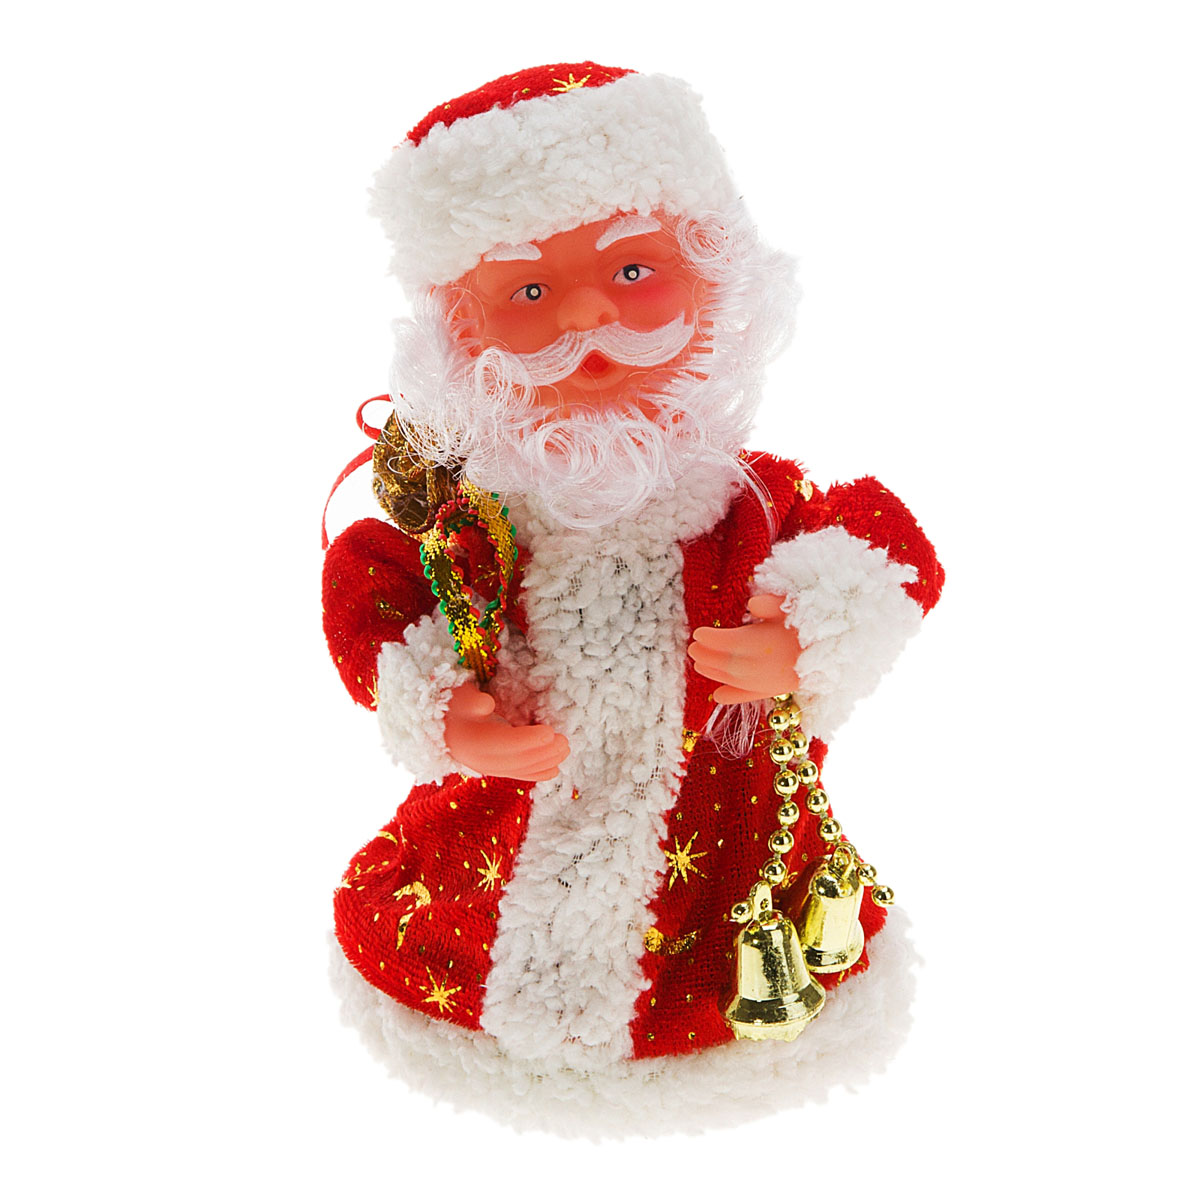 Новогодняя декоративная фигурка Sima-land Дед Мороз, анимированная, высота 18 см. 827789 фигурка декоративная sima land мишка высота 18 см